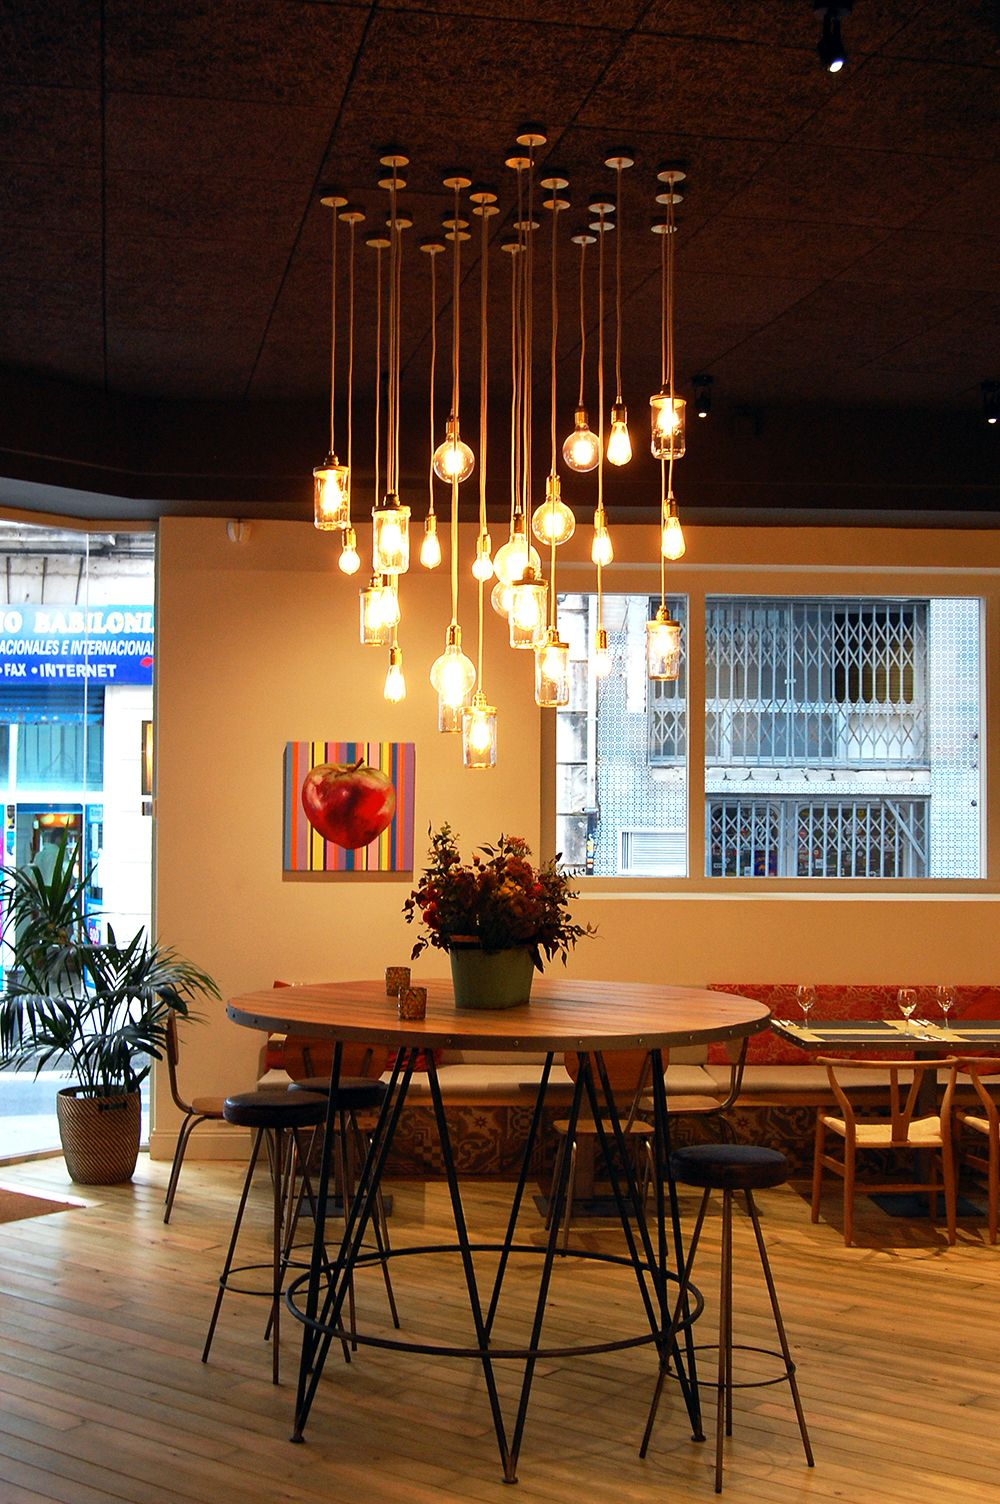 Iluminaci n de restaurante con lamparas de estilo vintage - Iluminacion estilo industrial ...